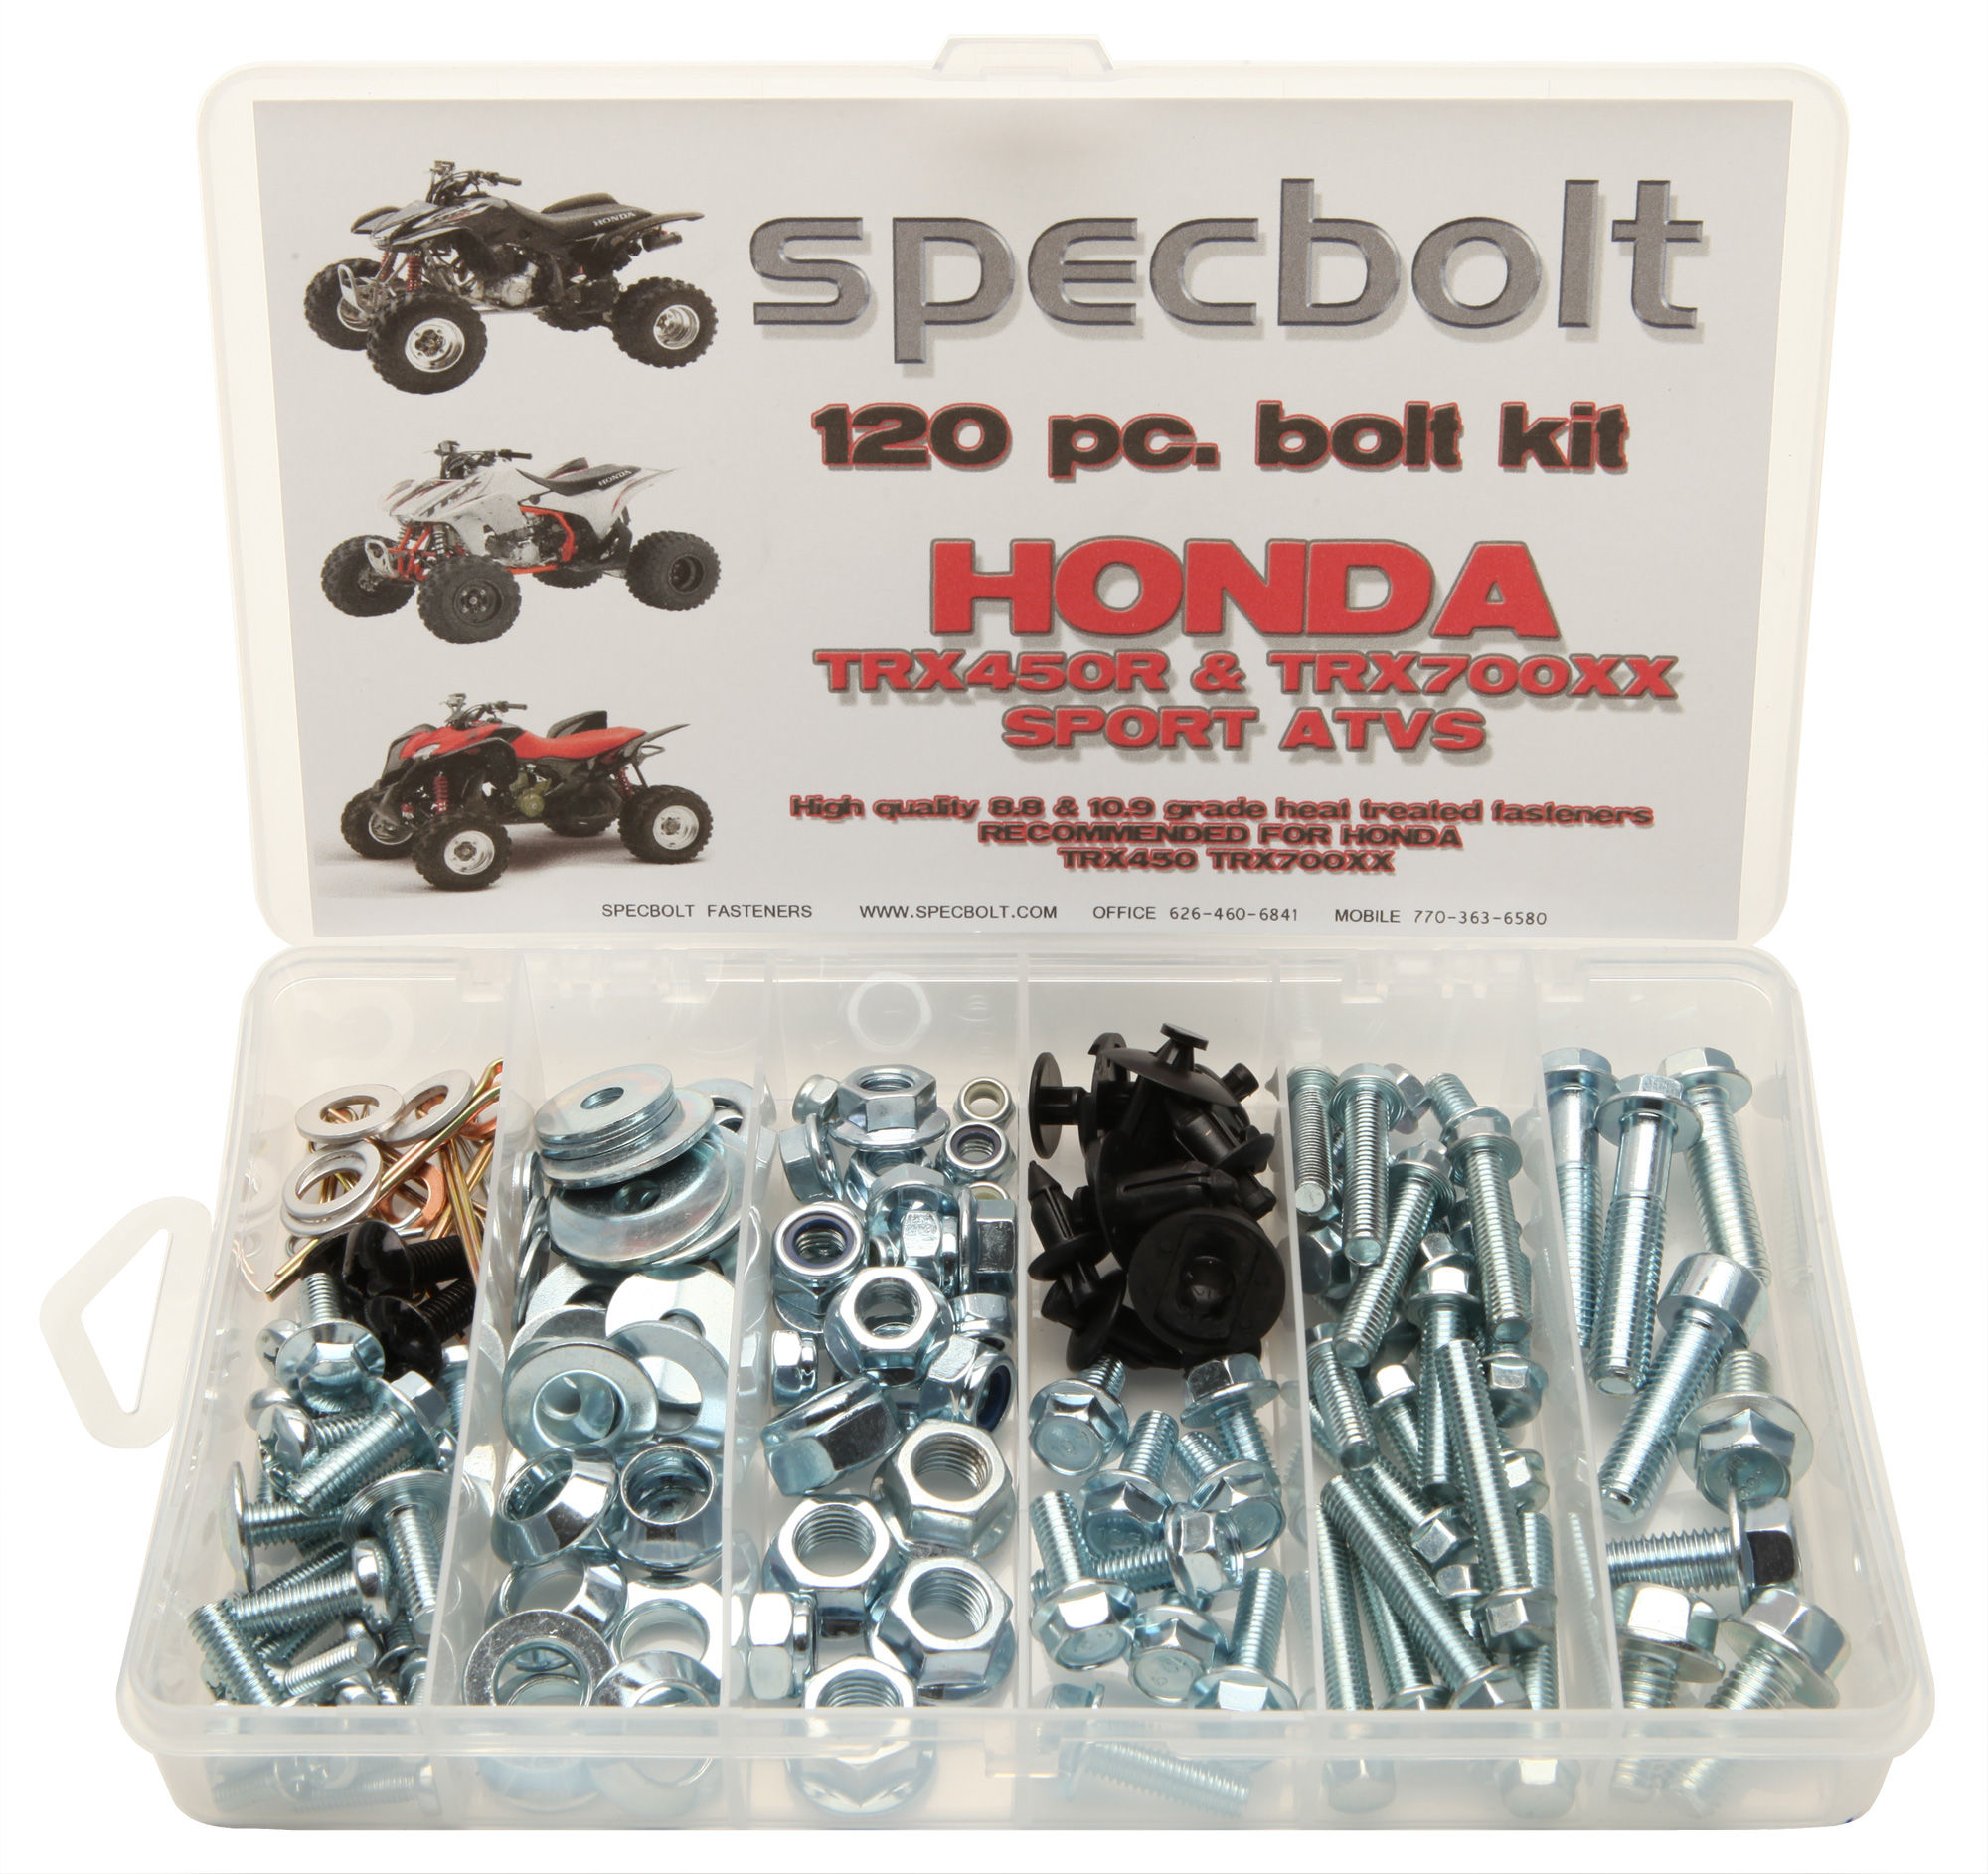 Honda, Specbolt